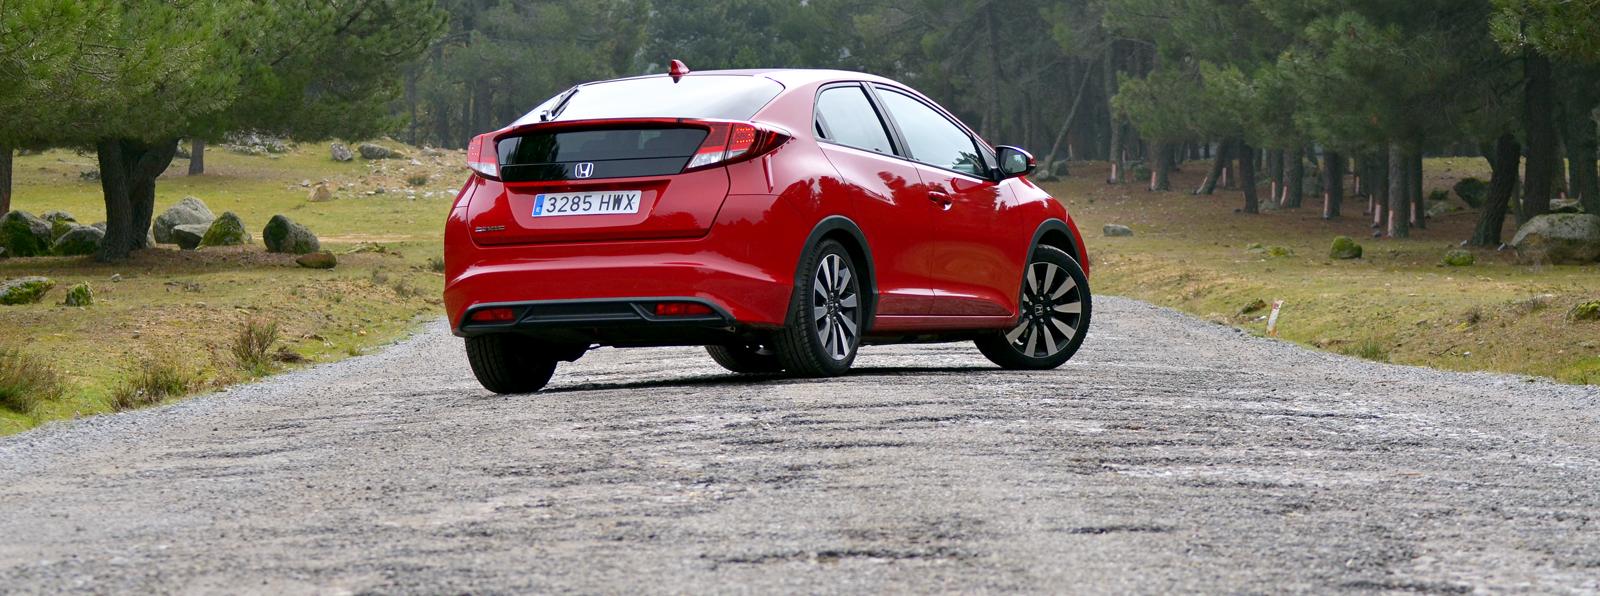 Honda Civic 1.6 i-DTEC (III): Comportamiento, consumos y valoración